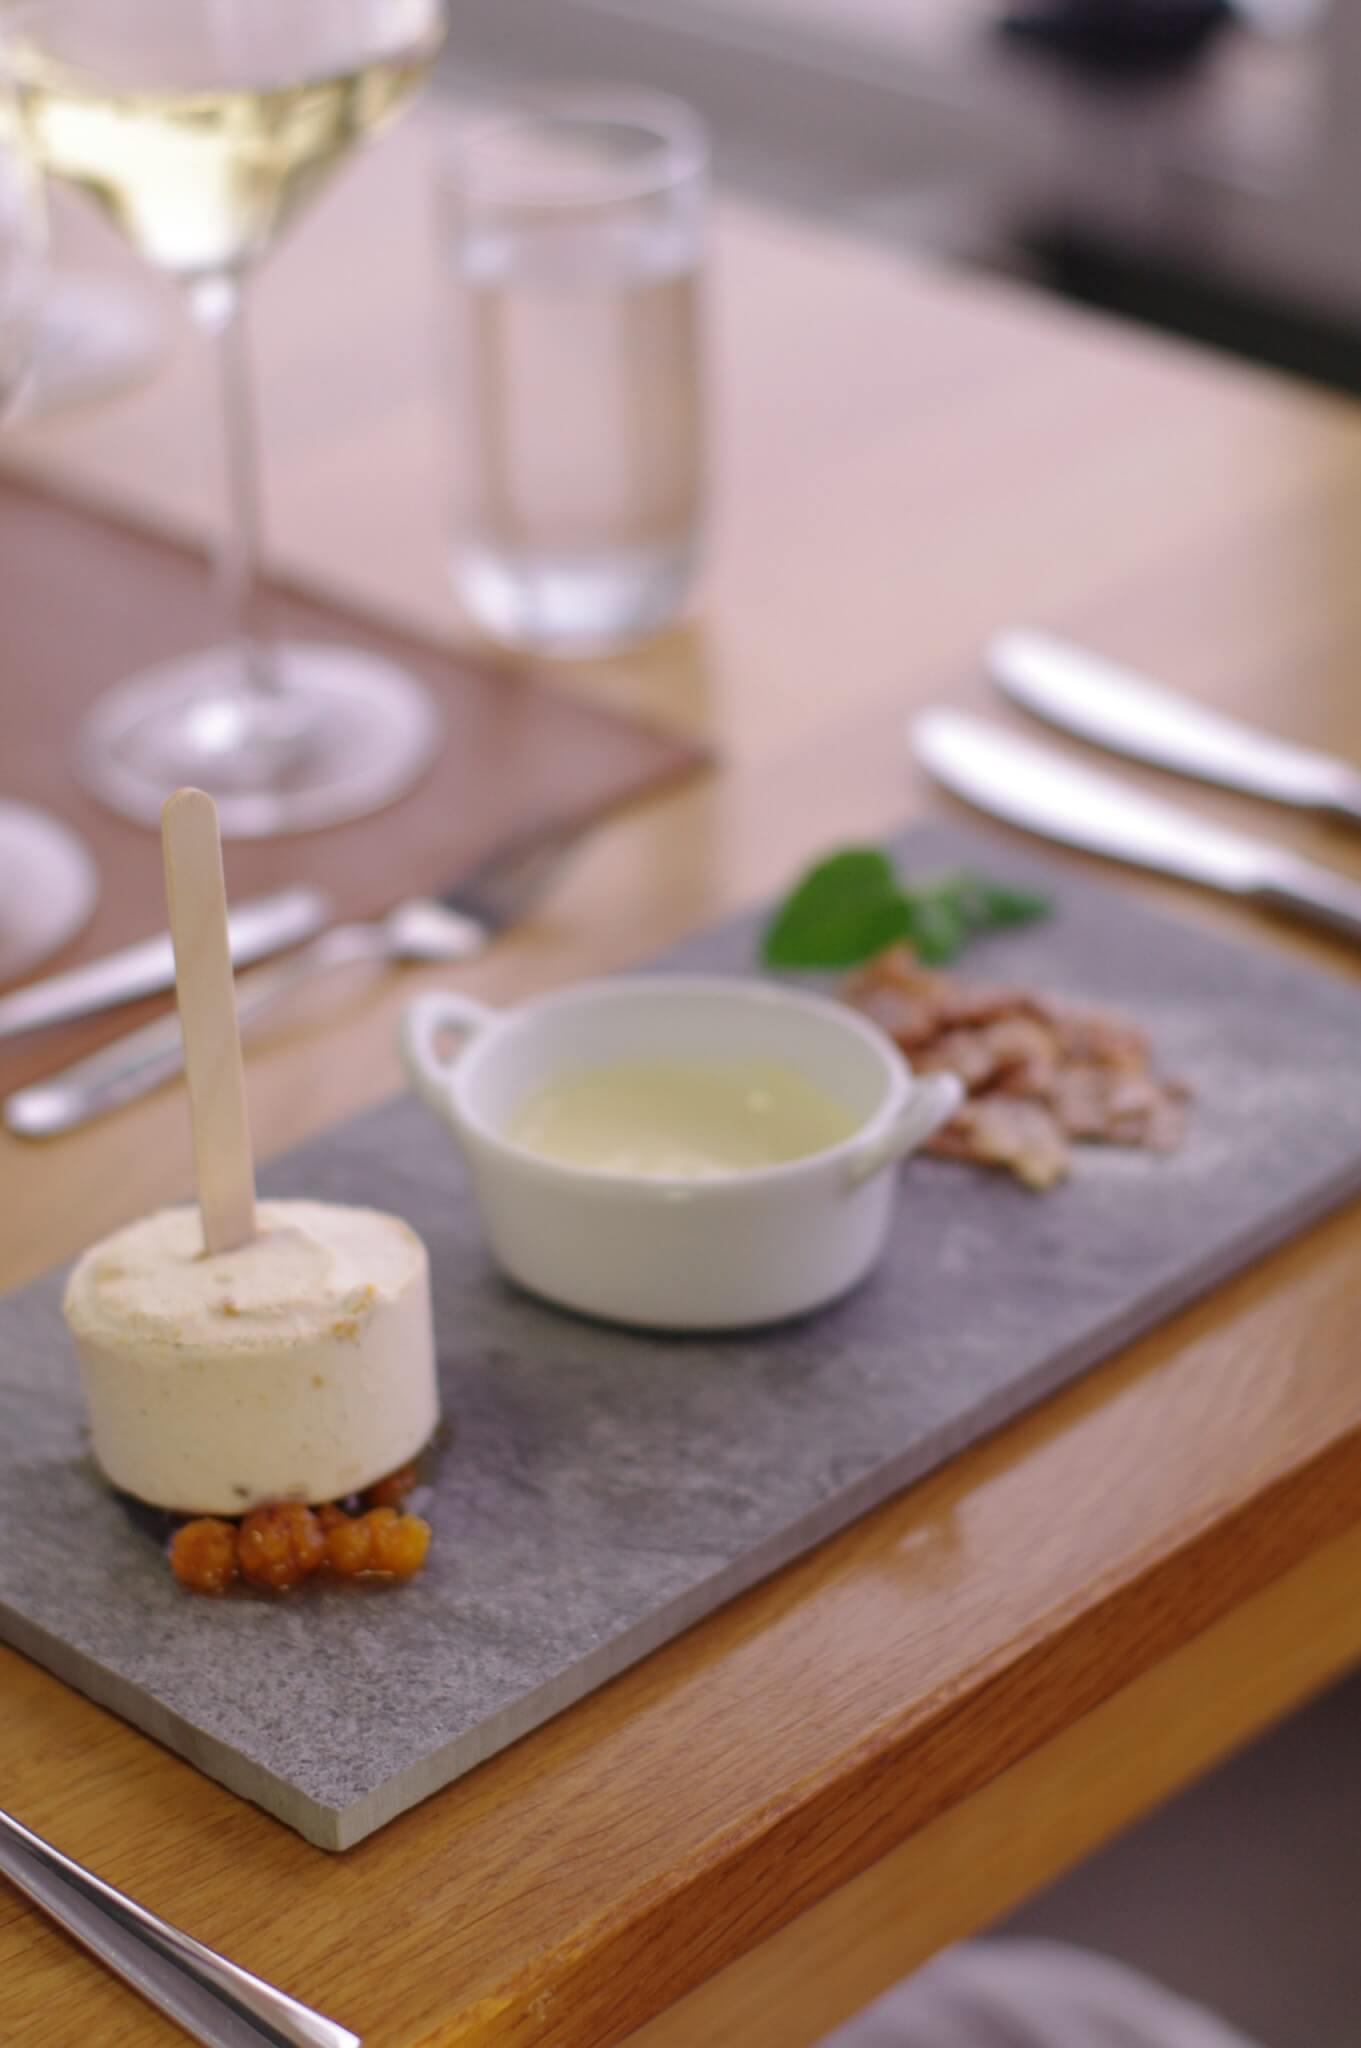 Hjortron parifait - Dessert